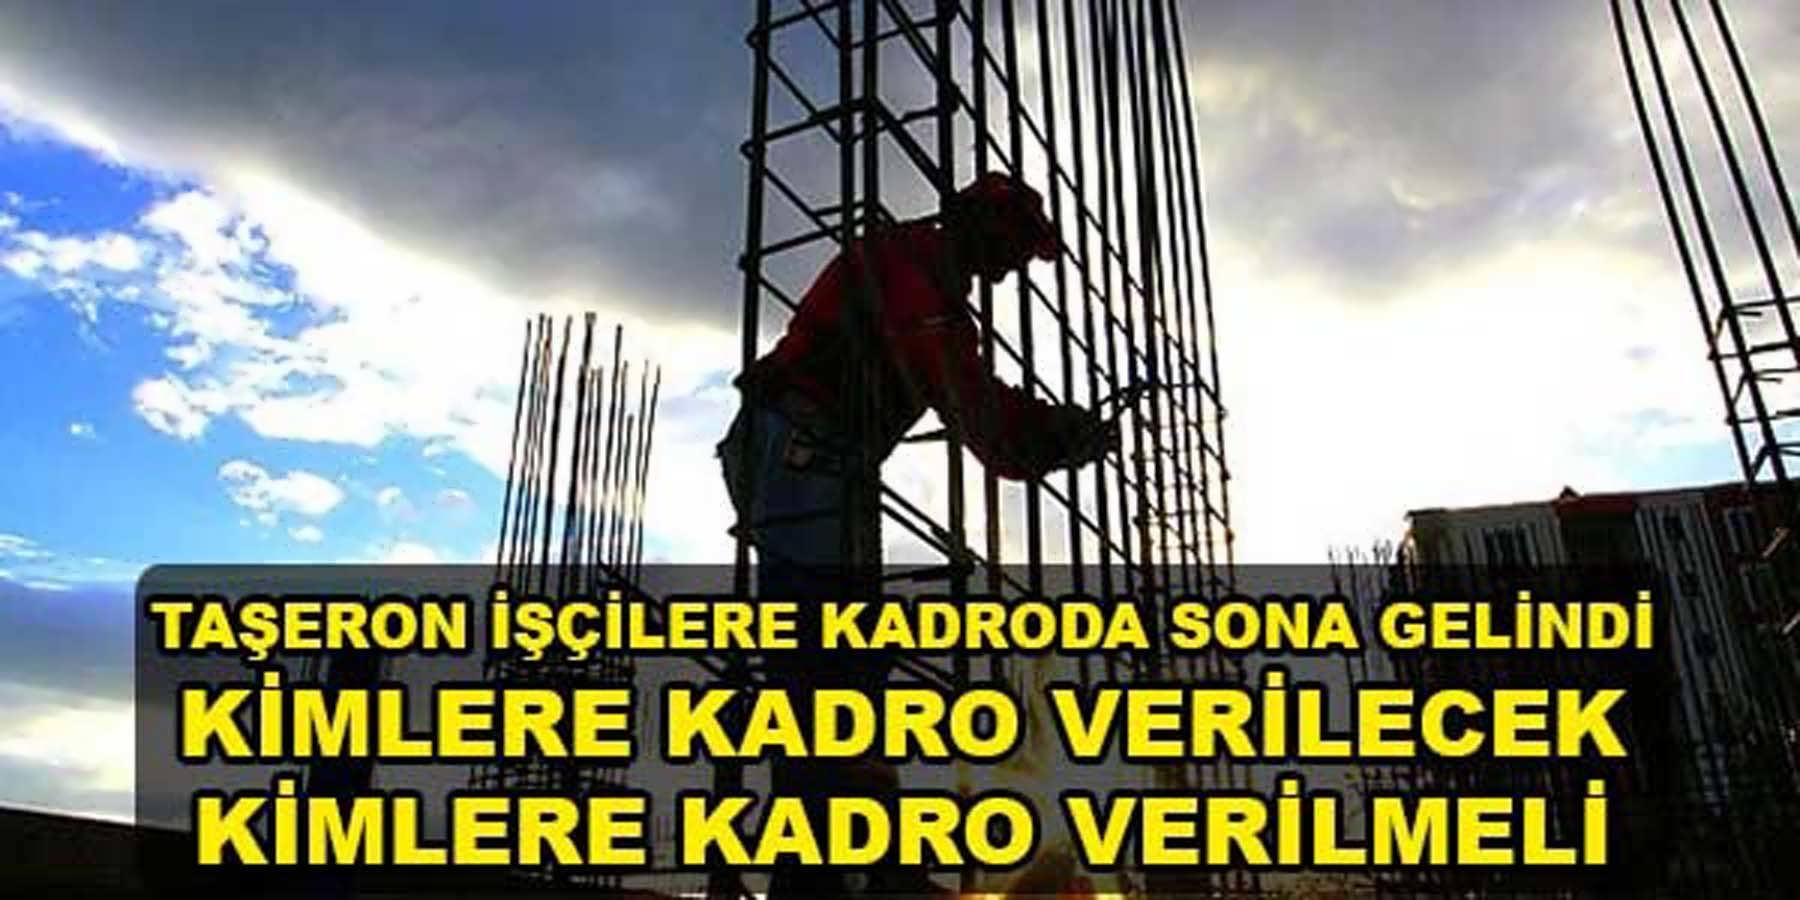 Taşeron işçilere Kadroda Sona Gelindi Taşeron İşçilerden Kimlere Kadro Verilecek Kimlere Kadro Verilmeli